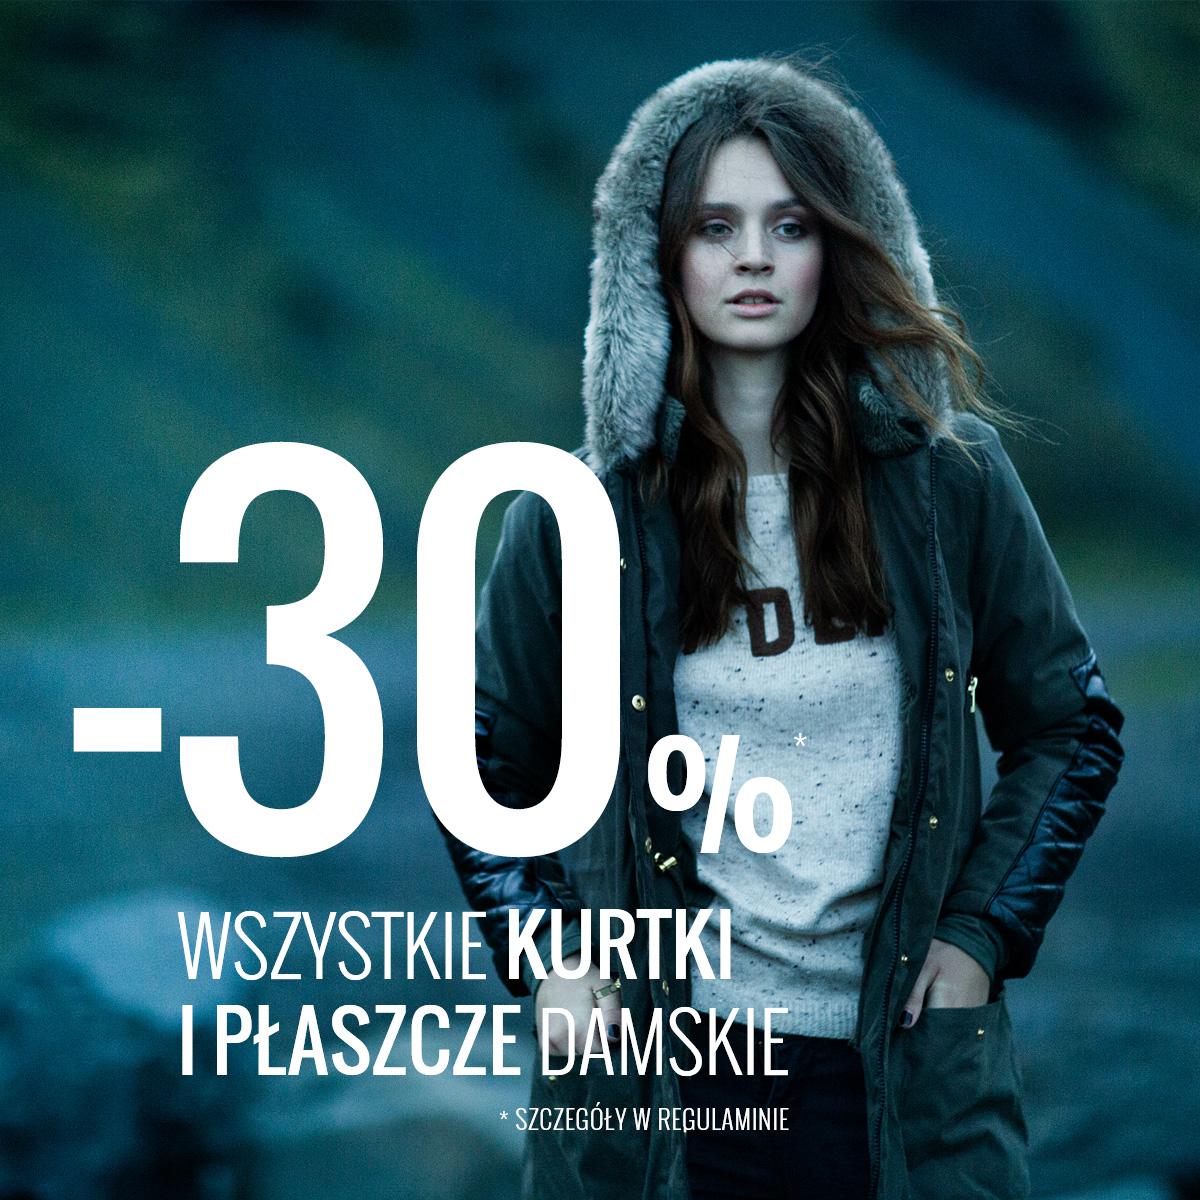 Kurtki i płaszcze damskie 30% taniej @ House